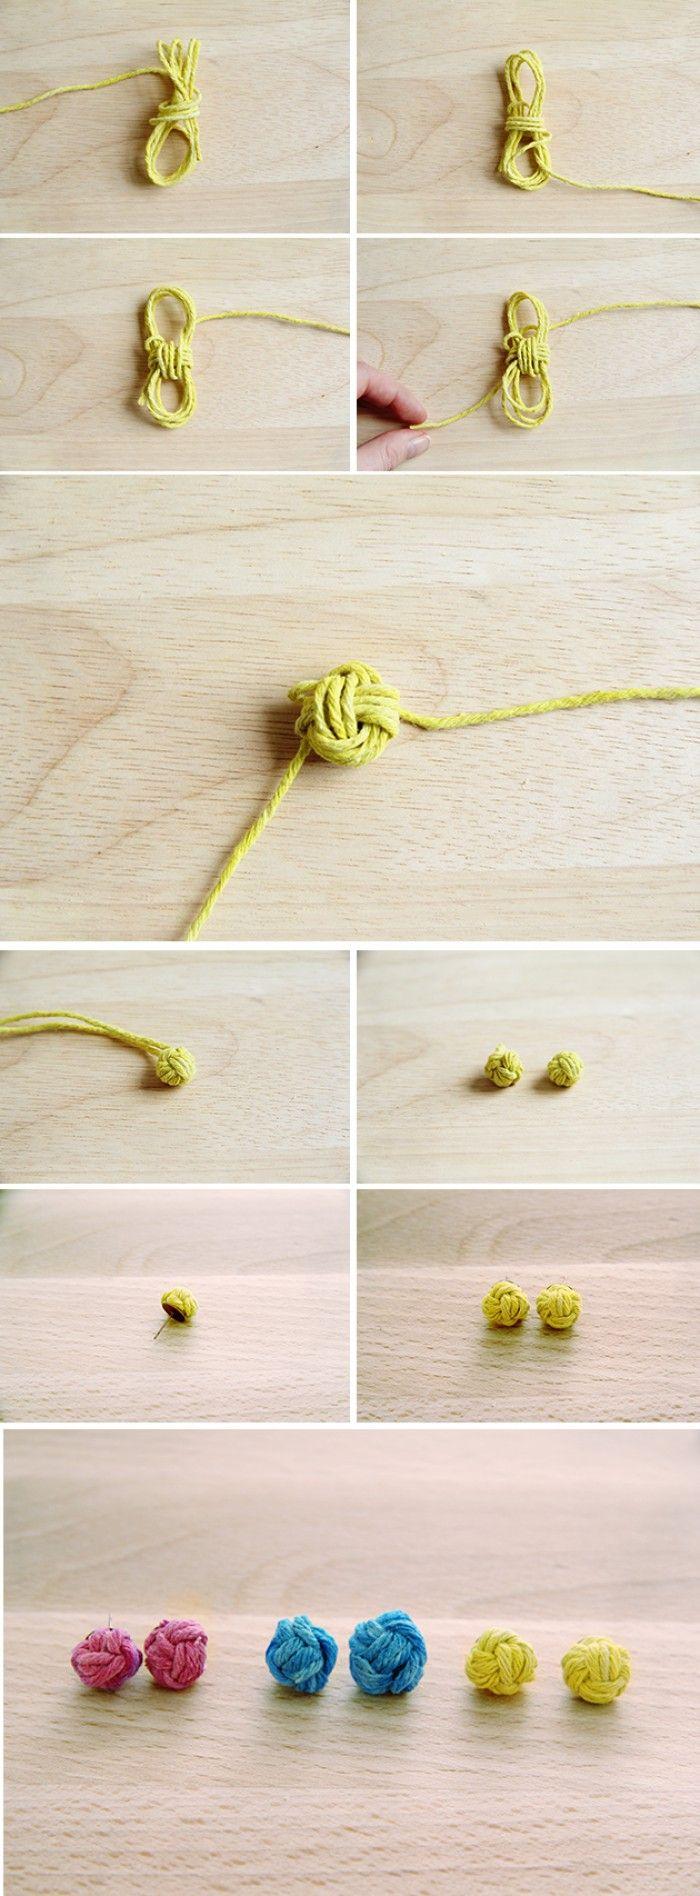 Simpel zelf hele schattige oorbellen maken in elke kleur die je maar wilt. Uitgebreide en duidelijke handleiding + foto's via de link.